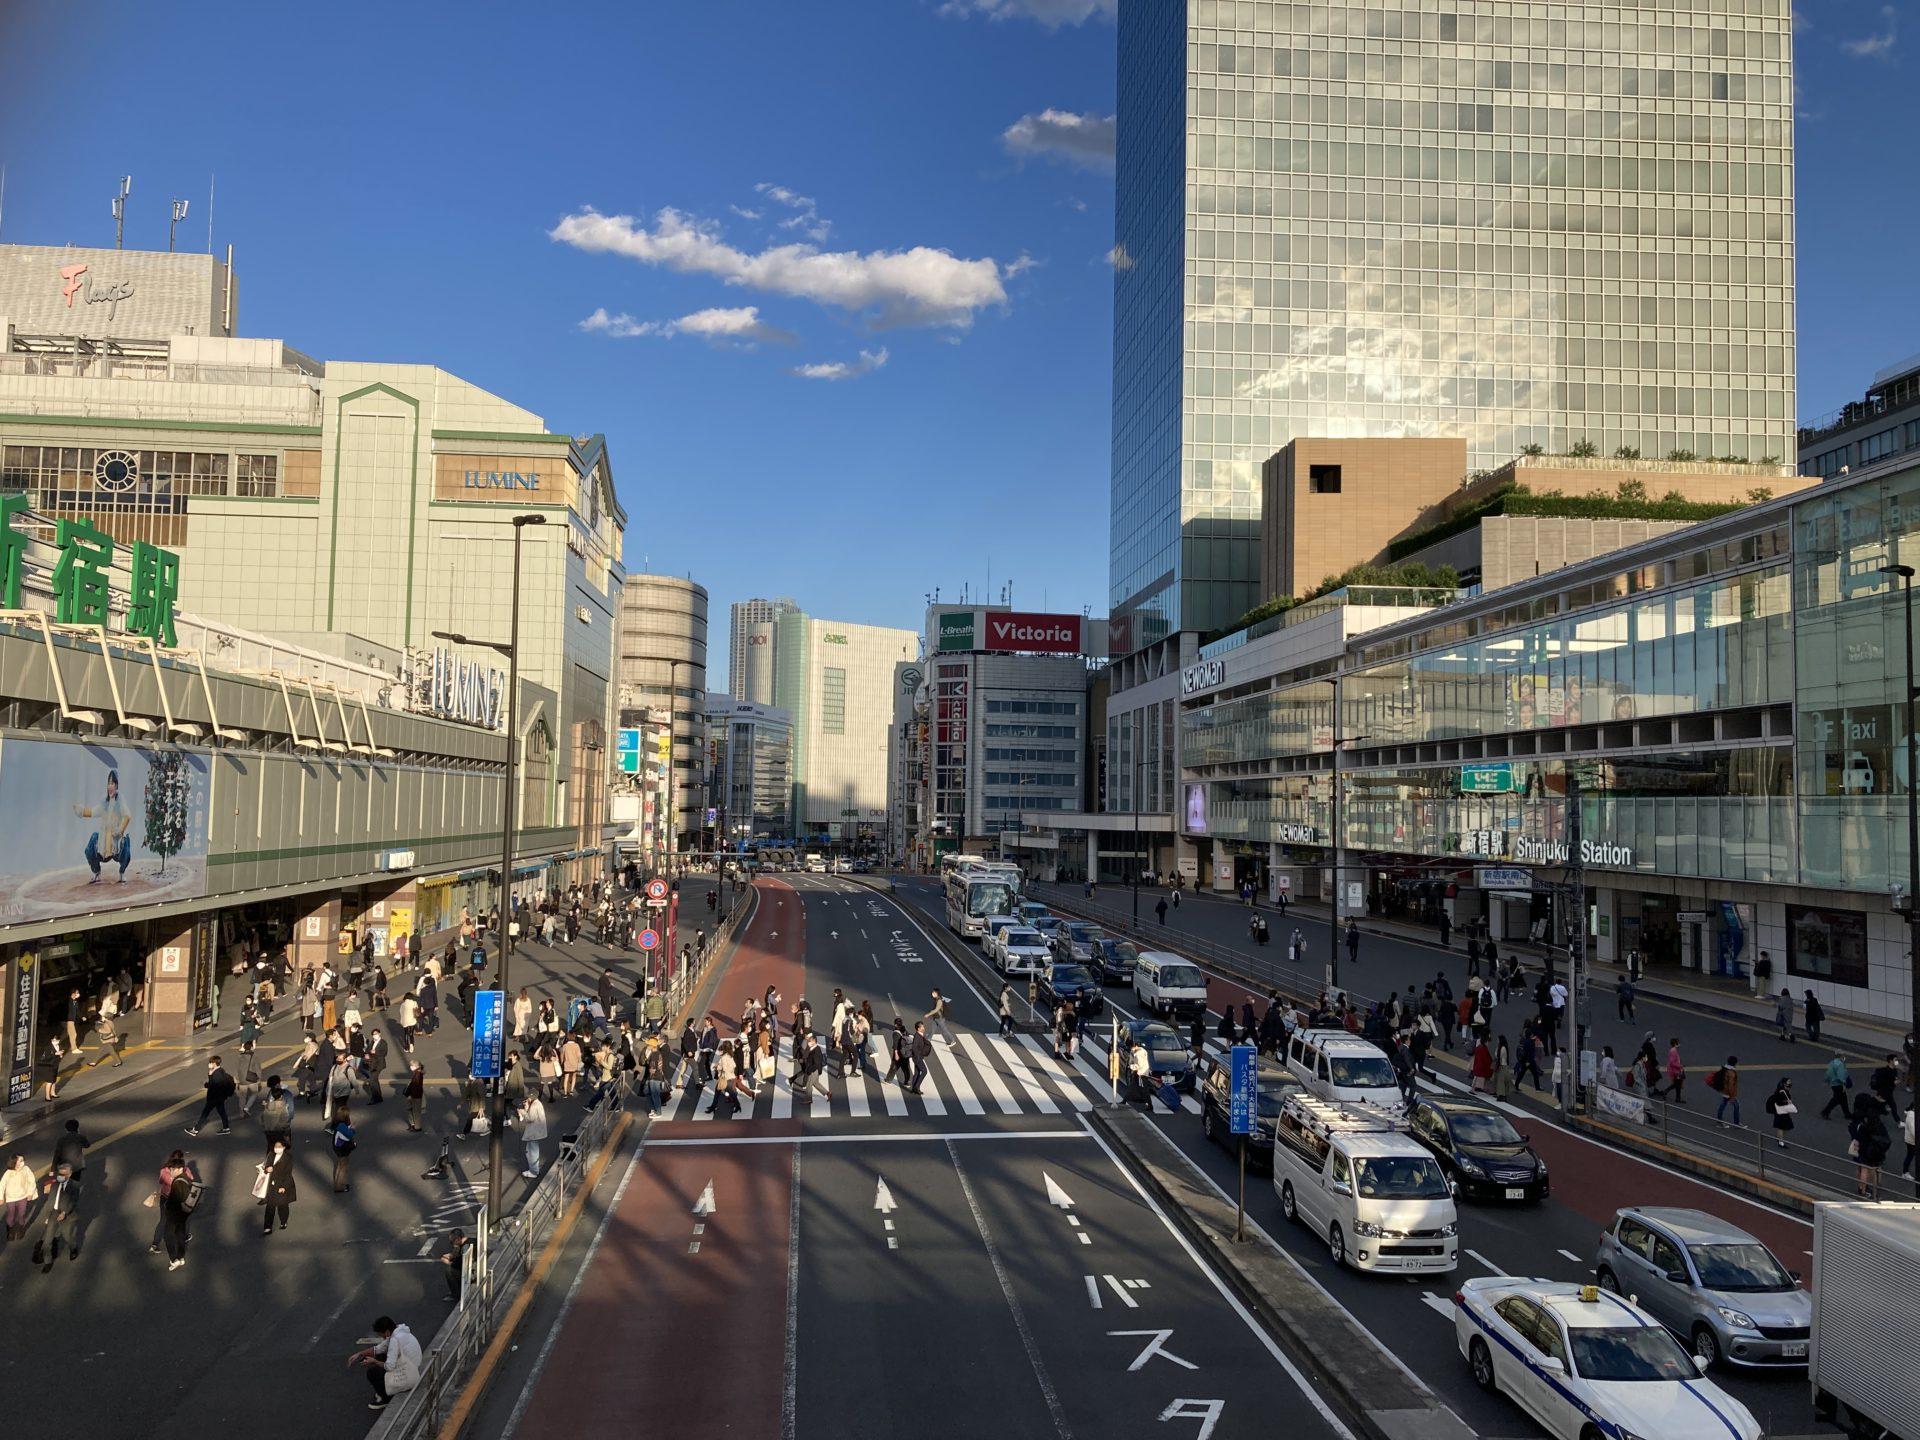 【新宿駅南口・新南口周辺を歩いてみた】モダンな雰囲気と迷子になりにくい街